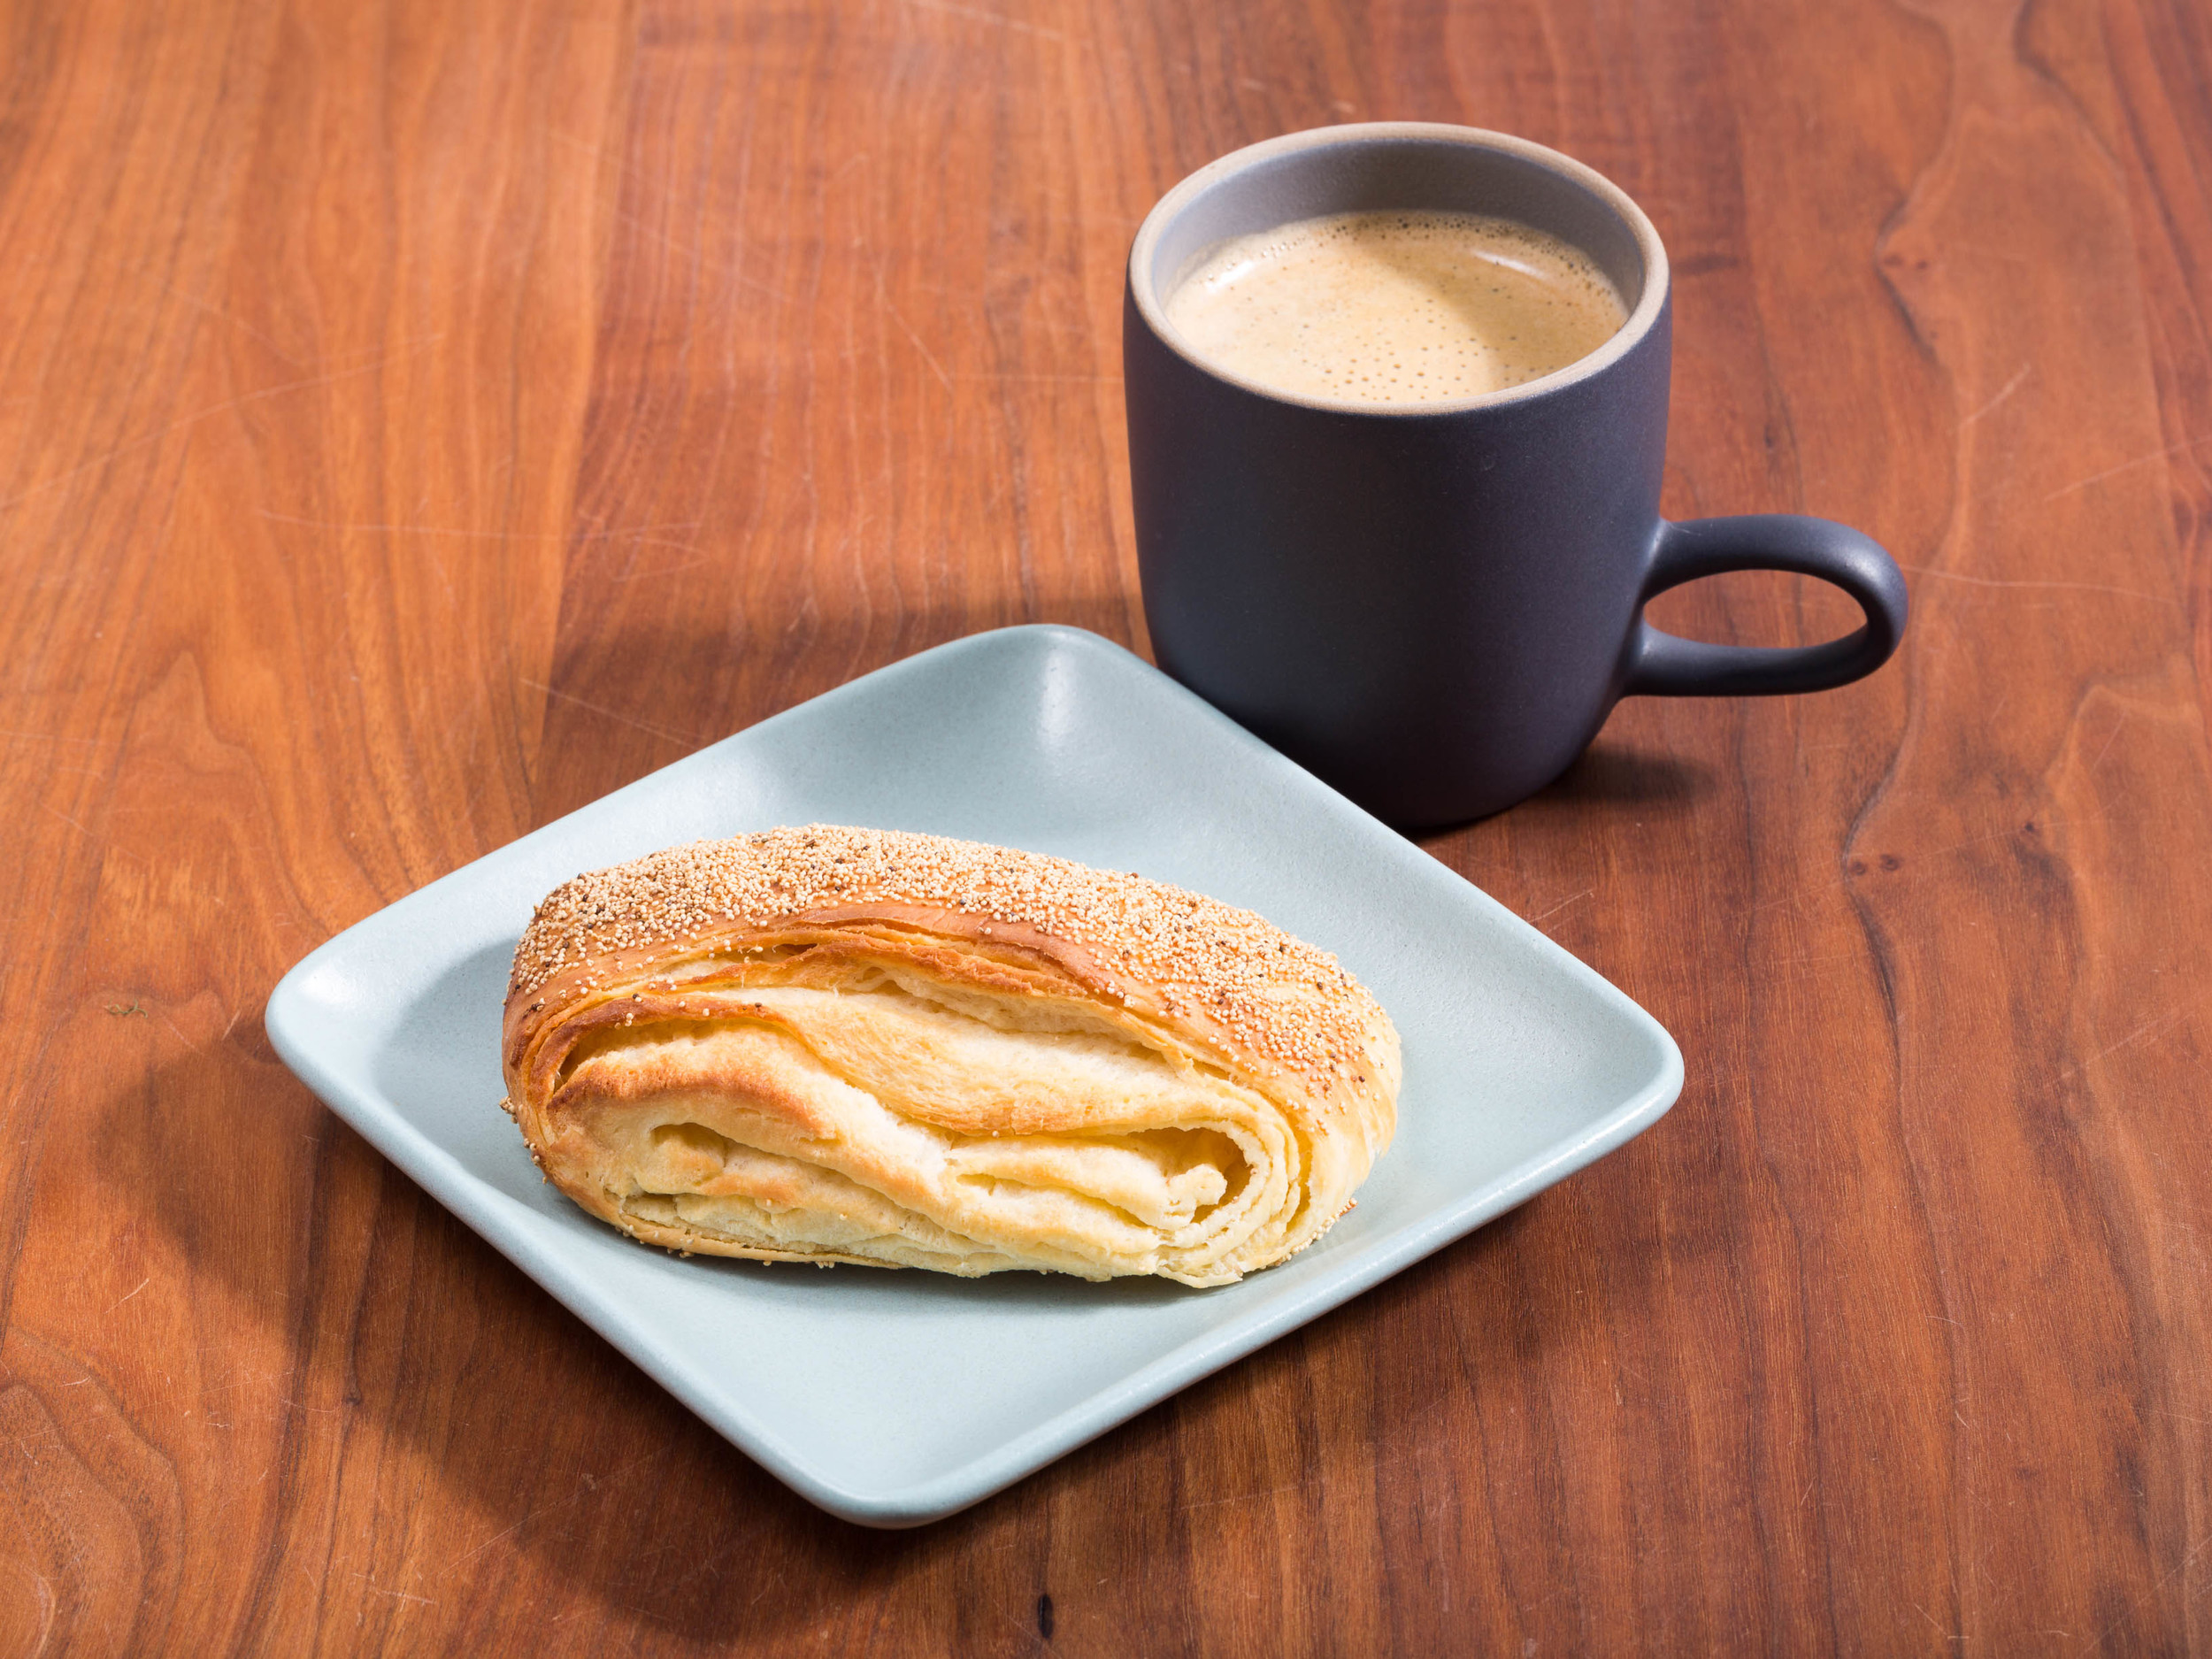 Birkes - a Breakfast Roll